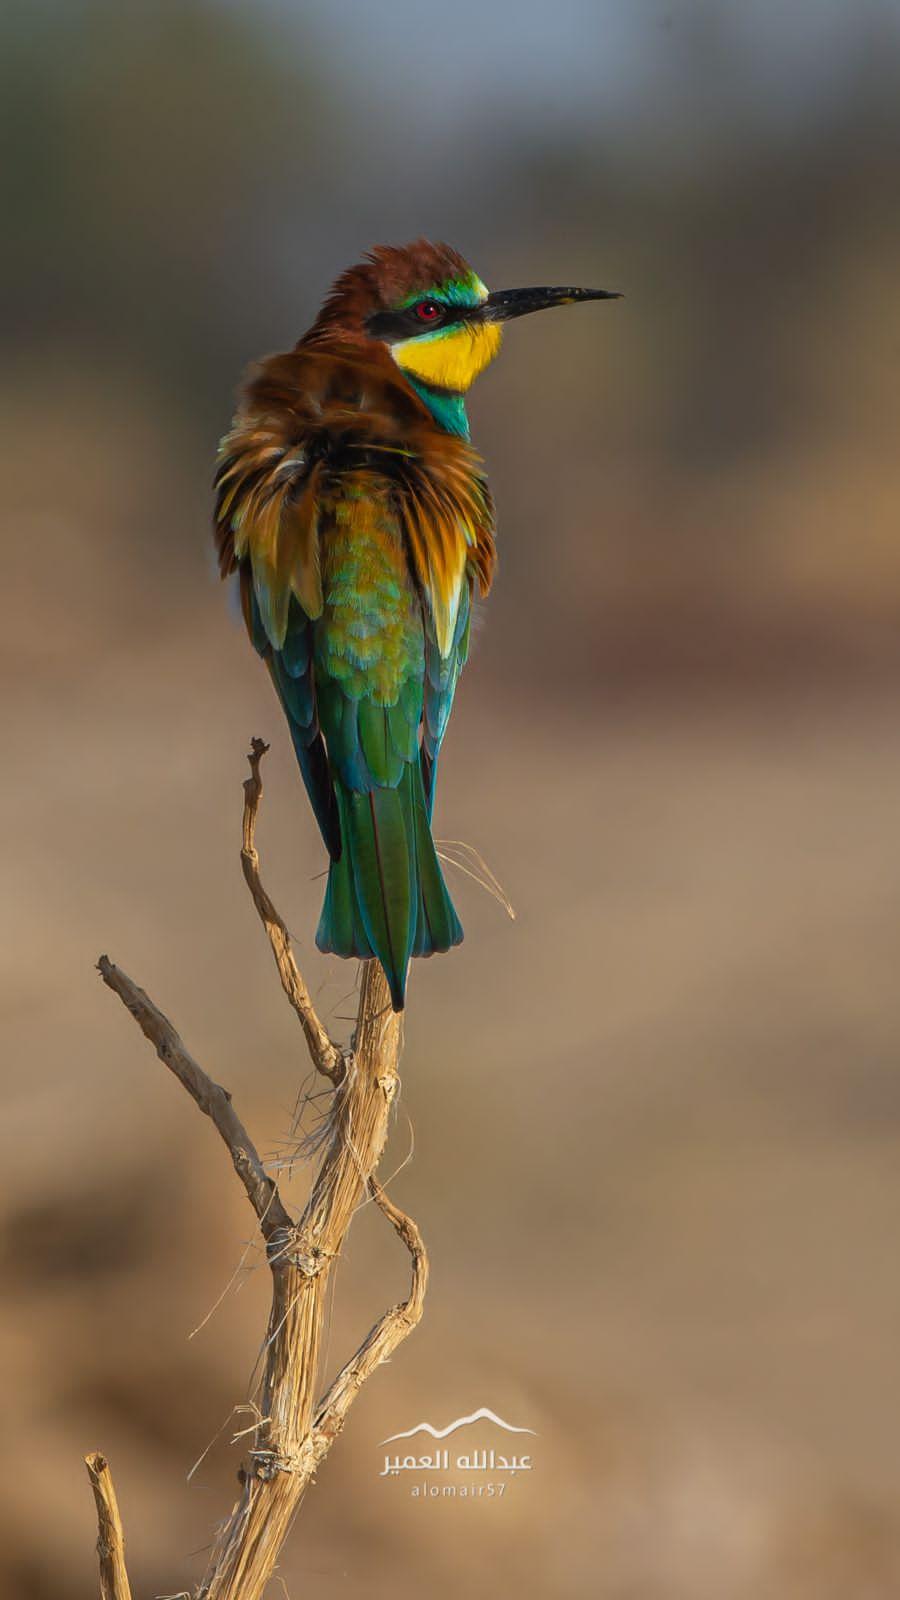 تصوير عبدالله العمير  2